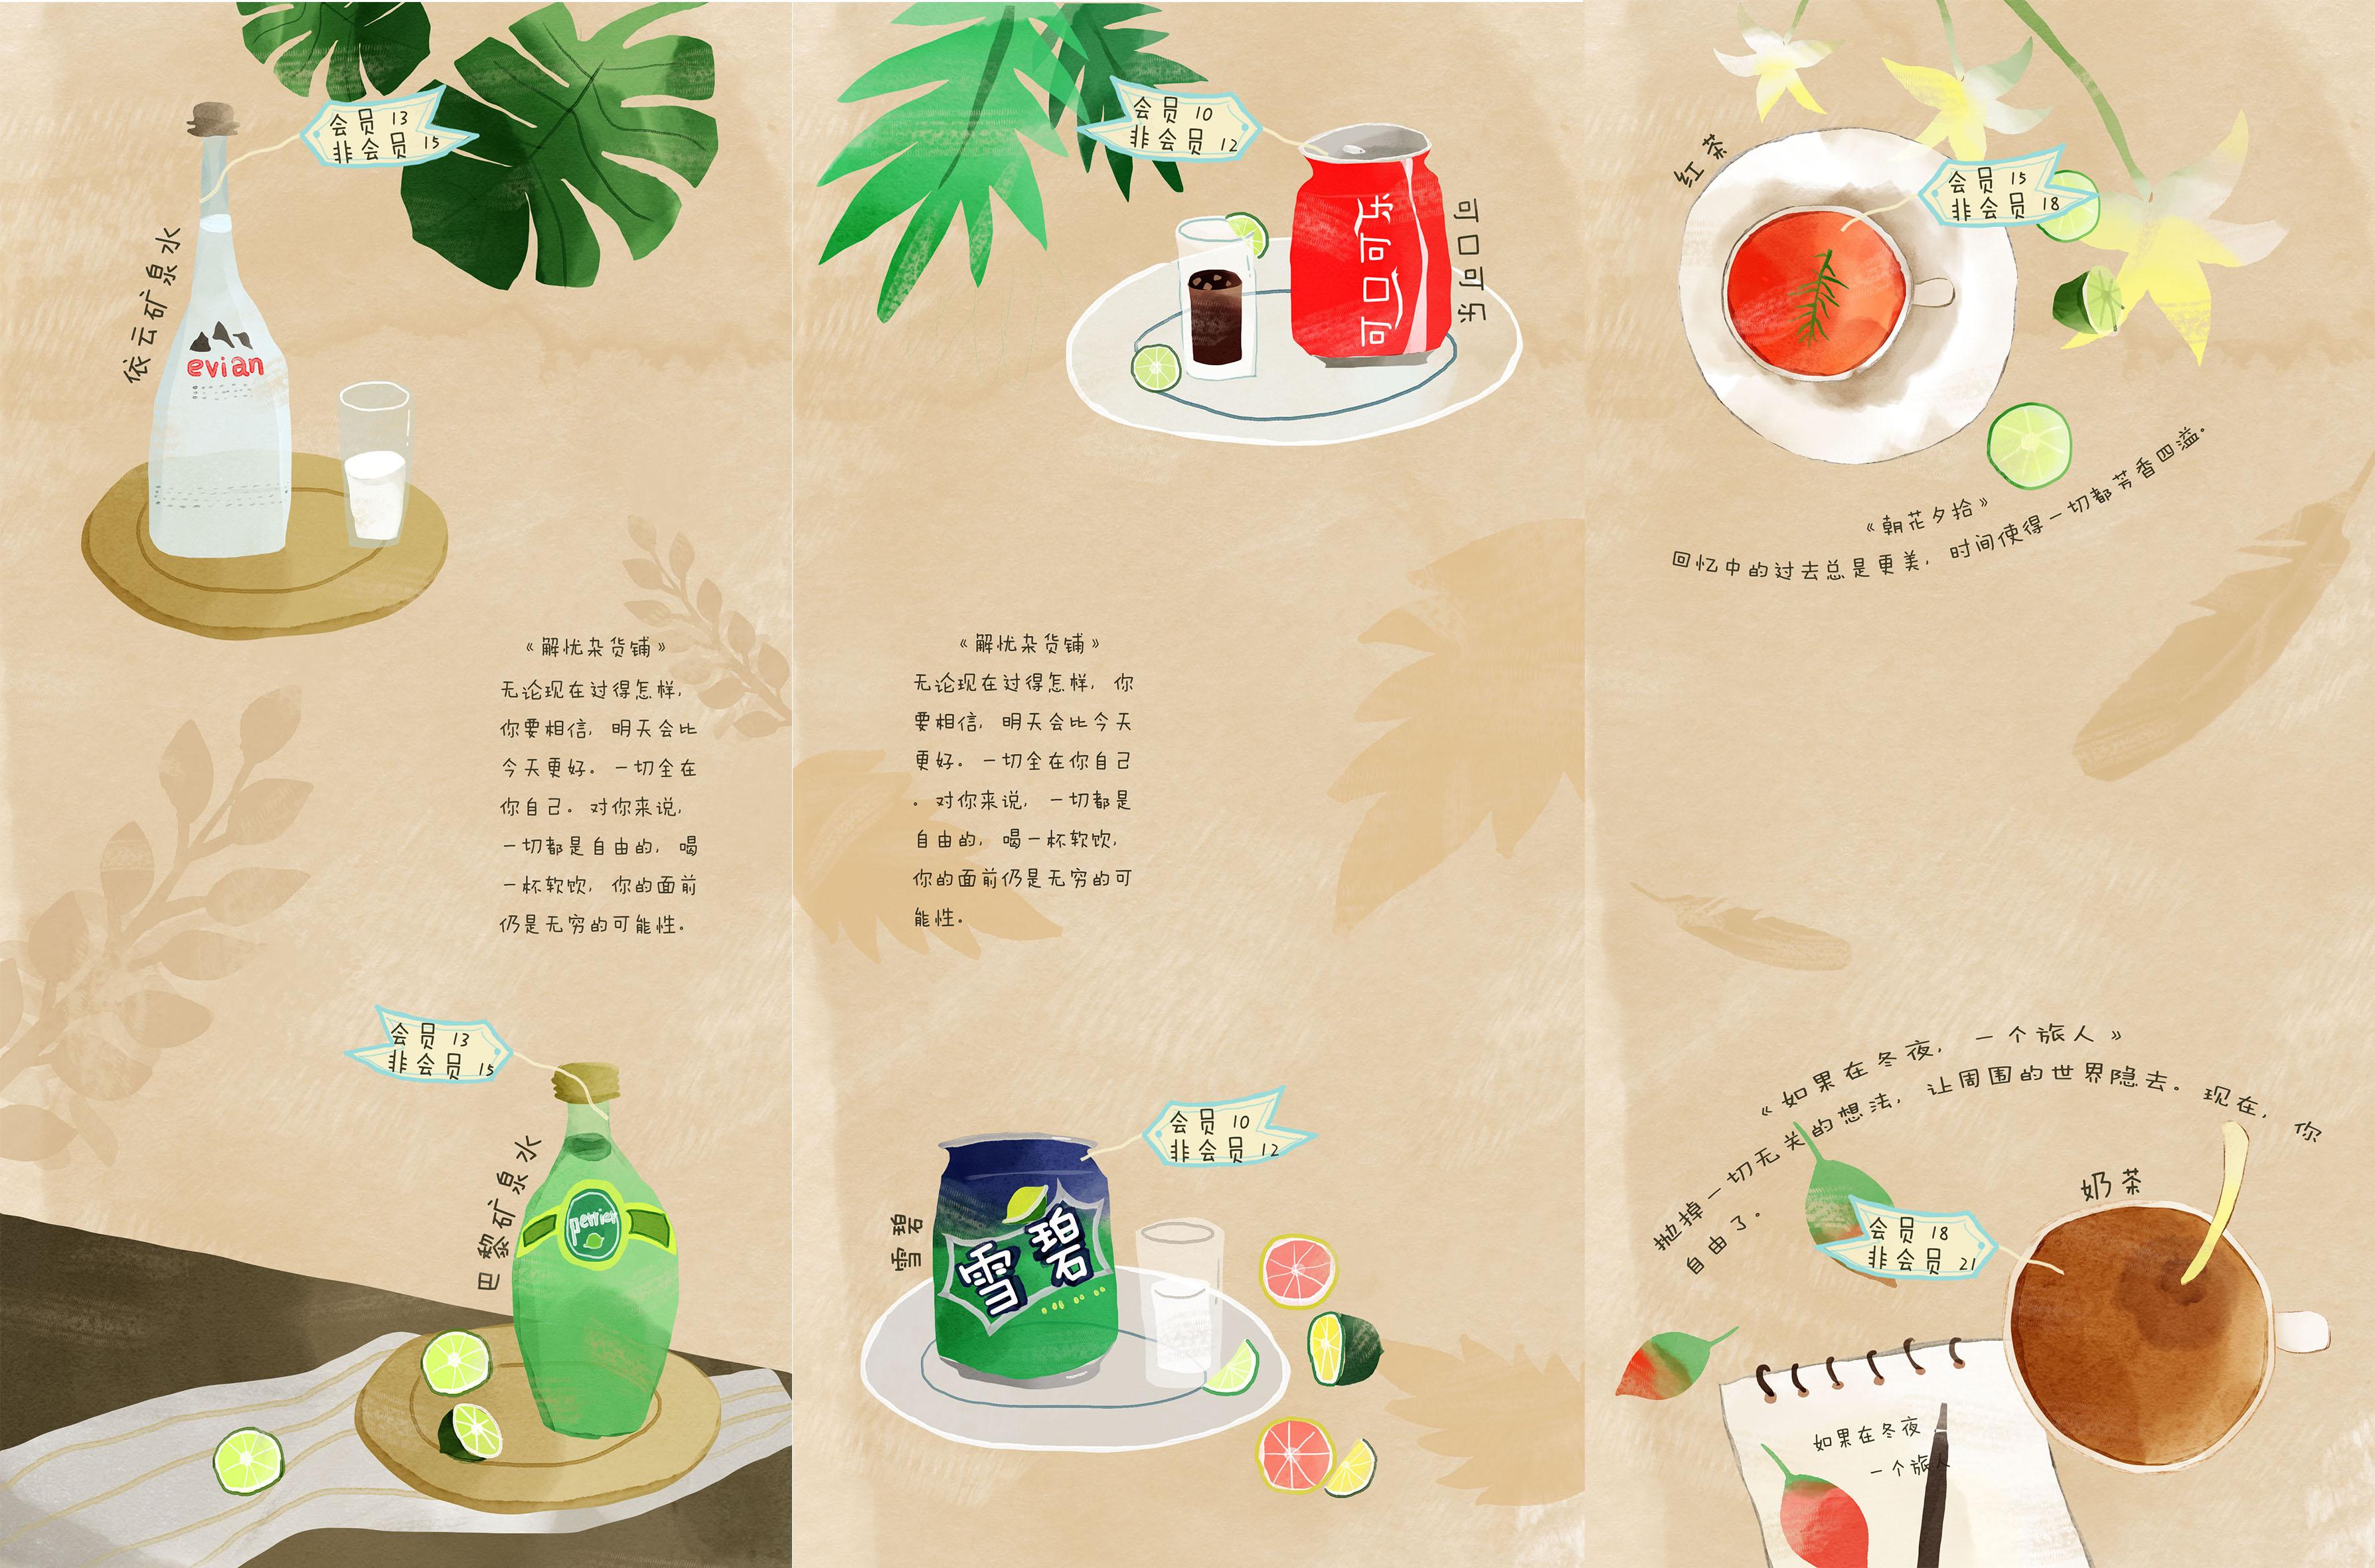 咖啡厅手绘菜单 水彩风格|插画|商业插画|插画邓邓